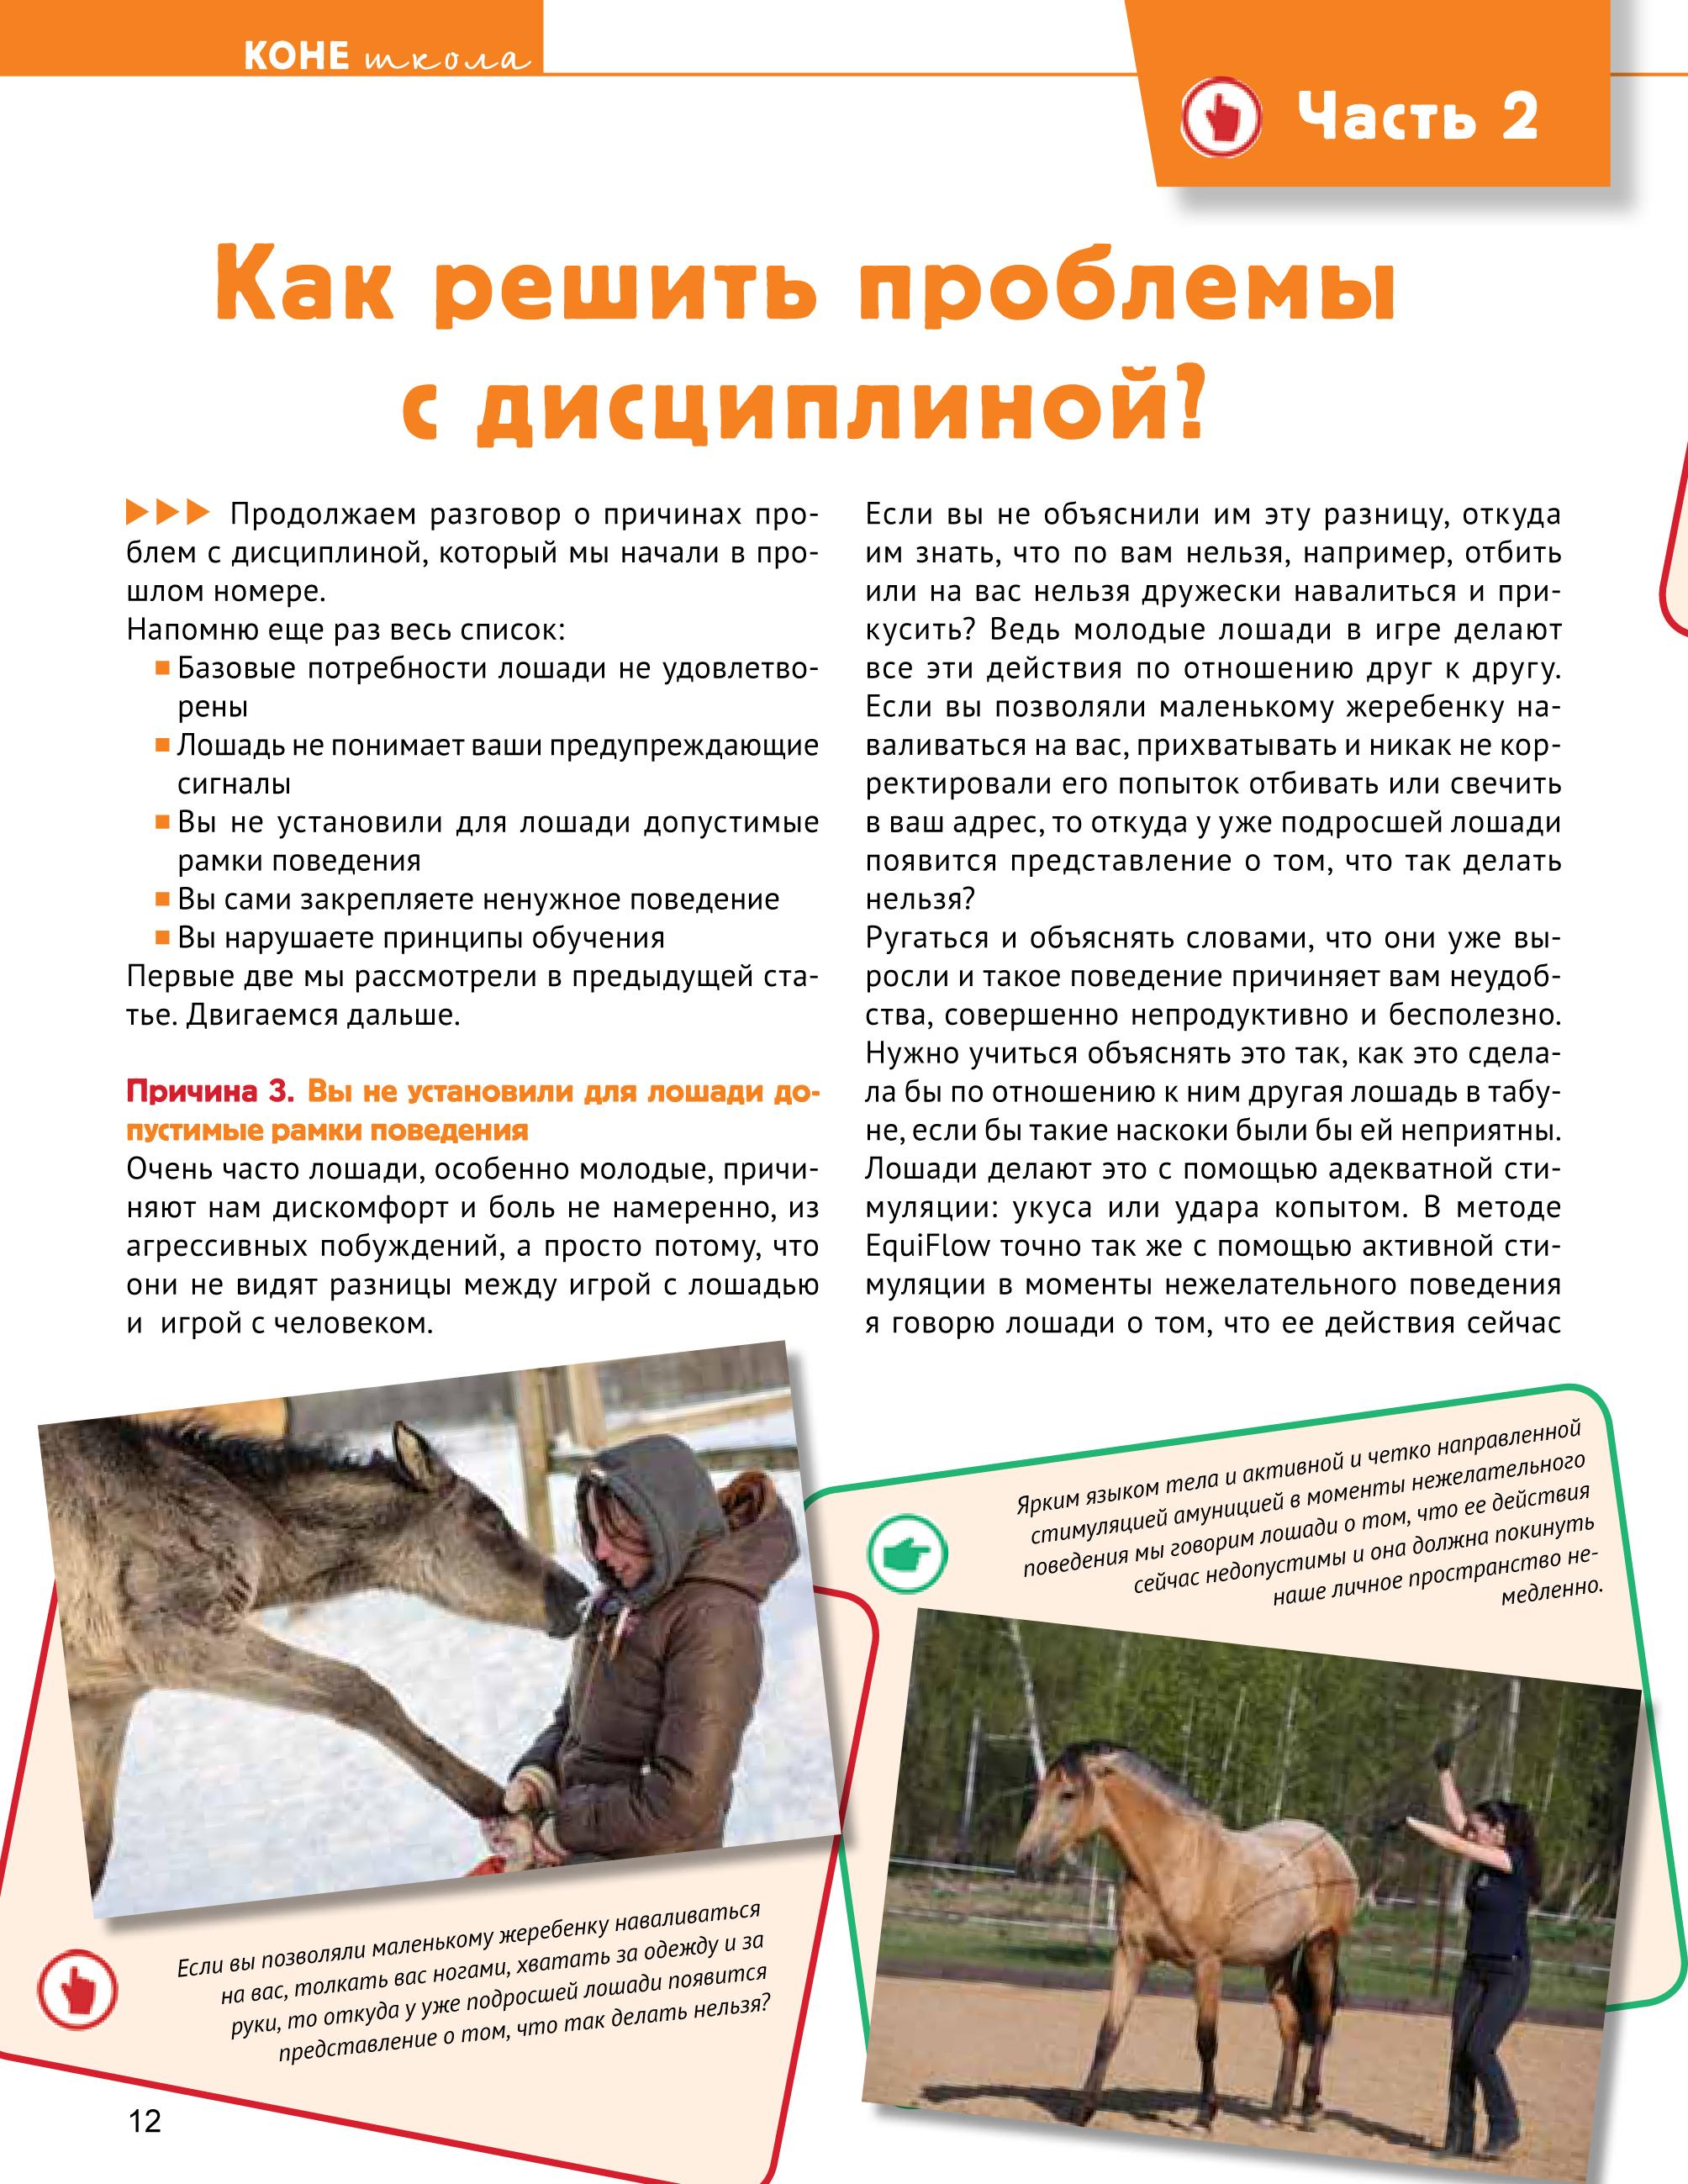 Book КОНЕВОДИТЕЛЬ 4_ proof-12